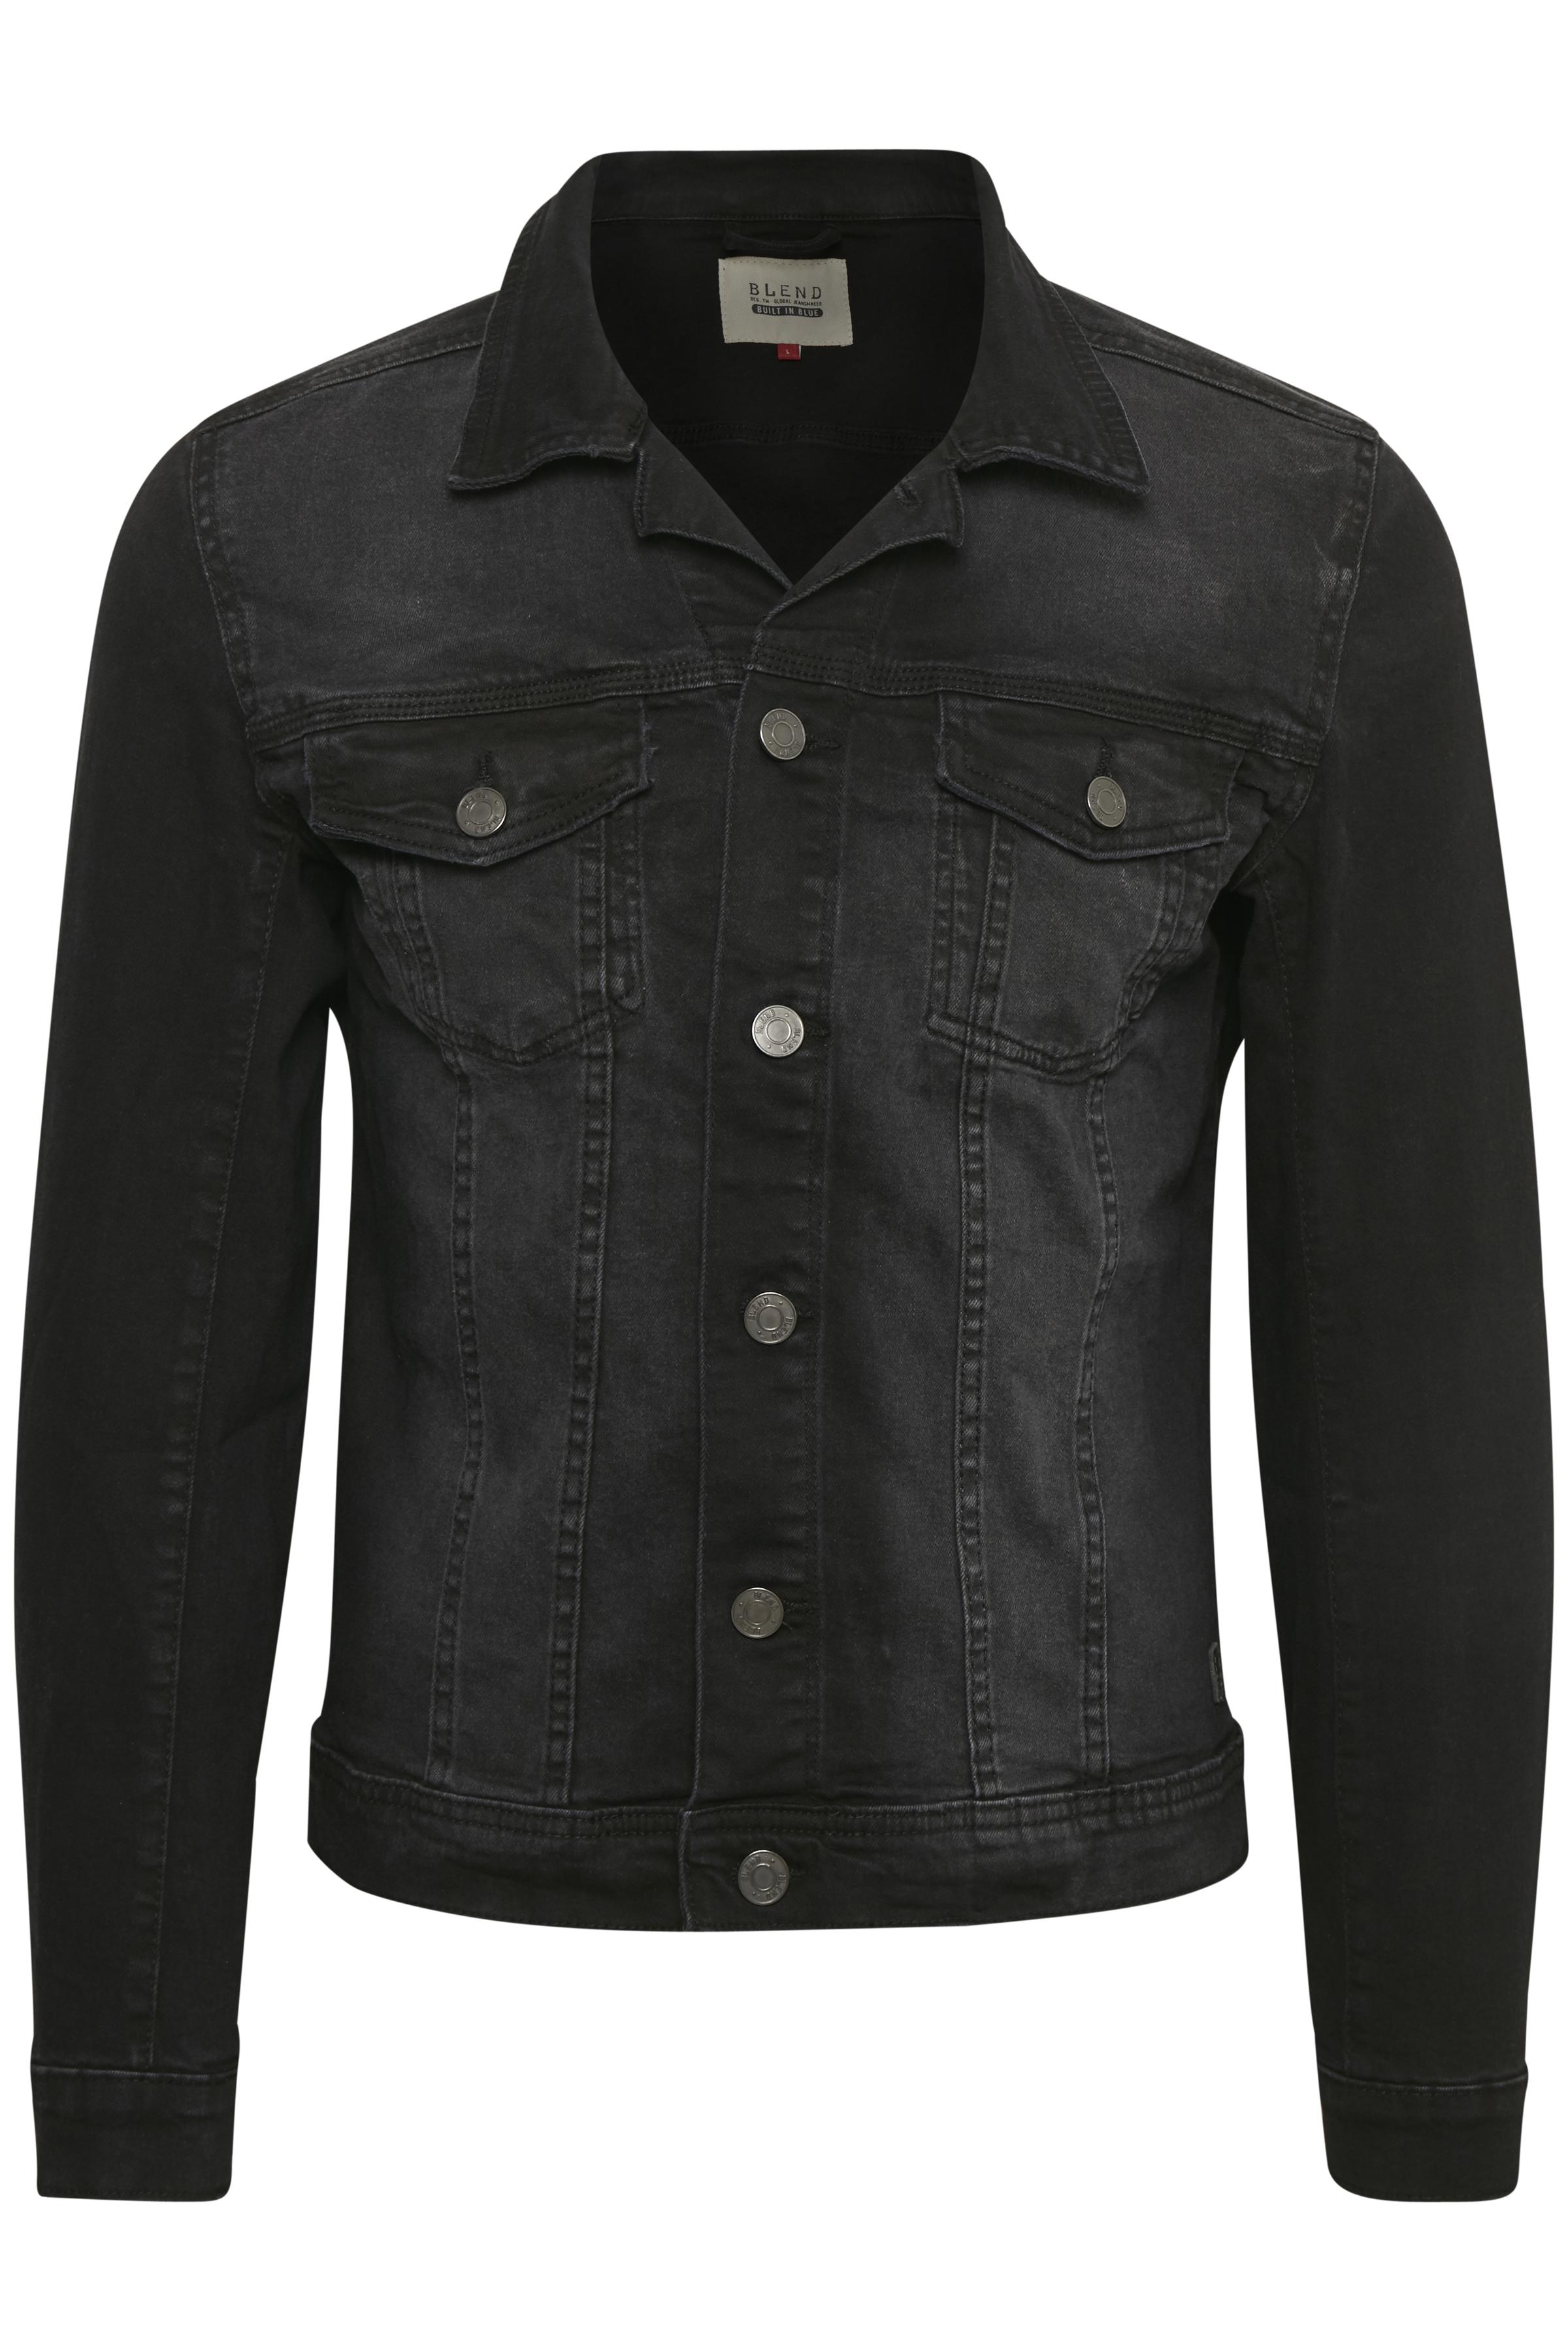 Blend He Herre Denim jakke - Denim Black